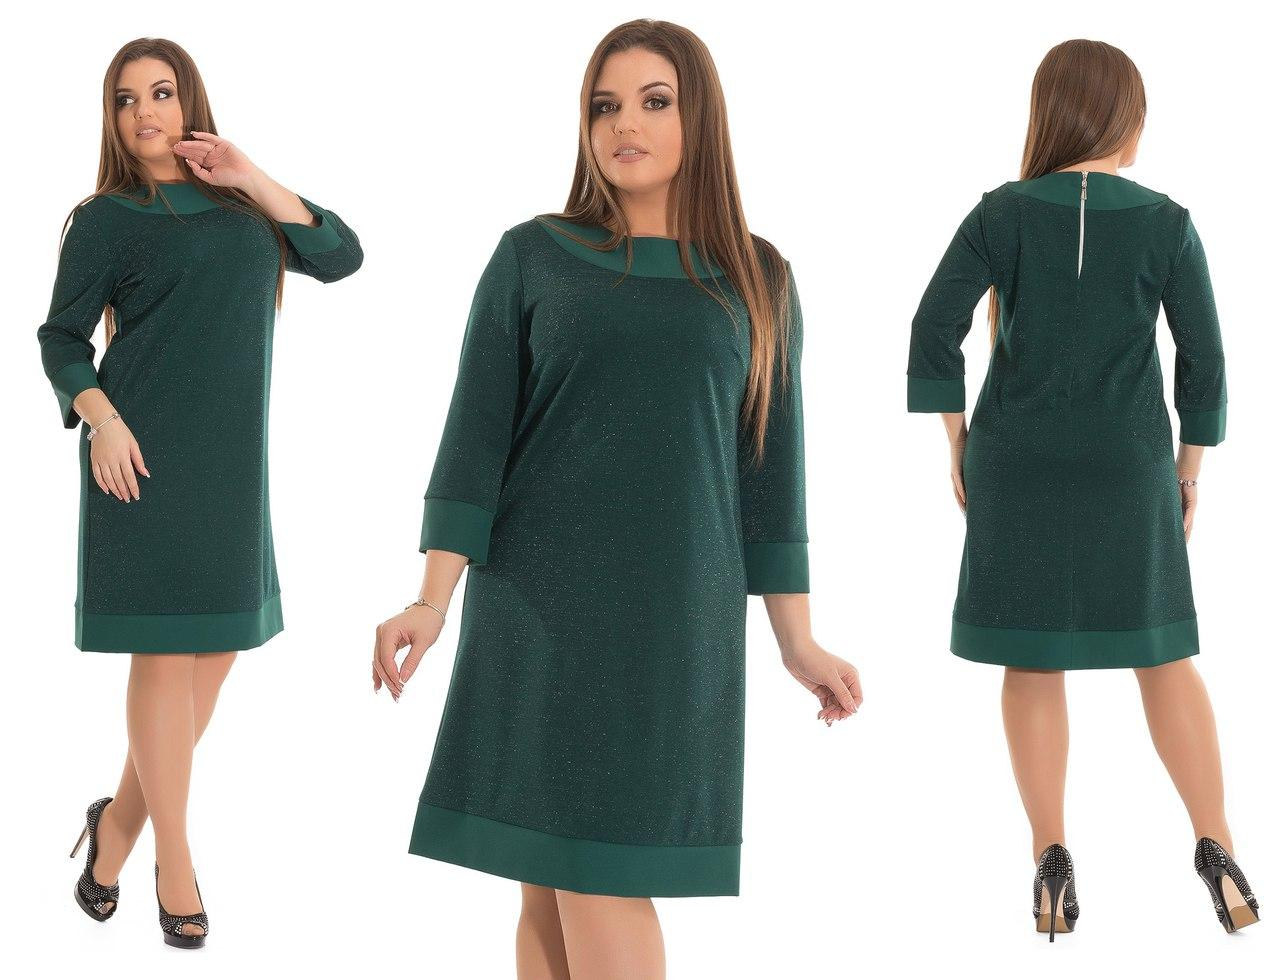 63eac8989063 Платье трапеция для полных, почему фасон обрел большую популярность